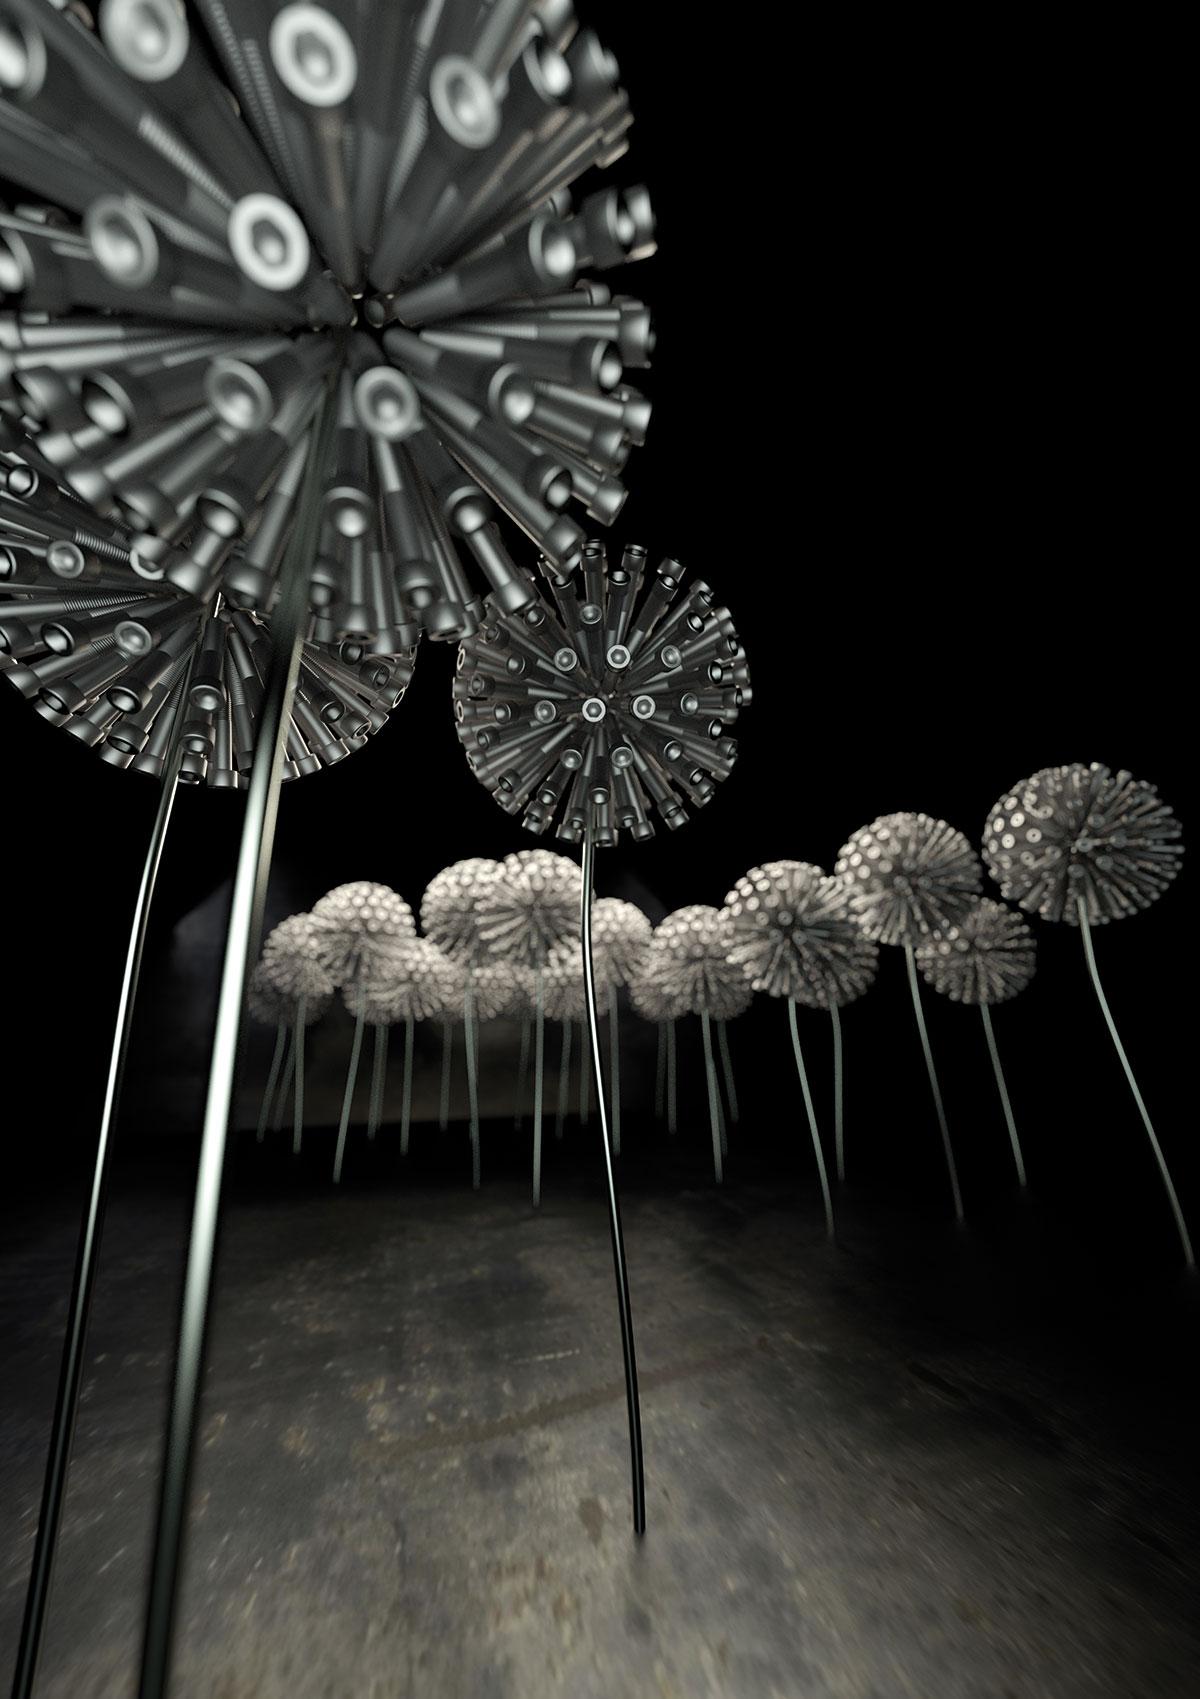 3D-Visualisierung Pusteblumen mit Tiefenschärfe